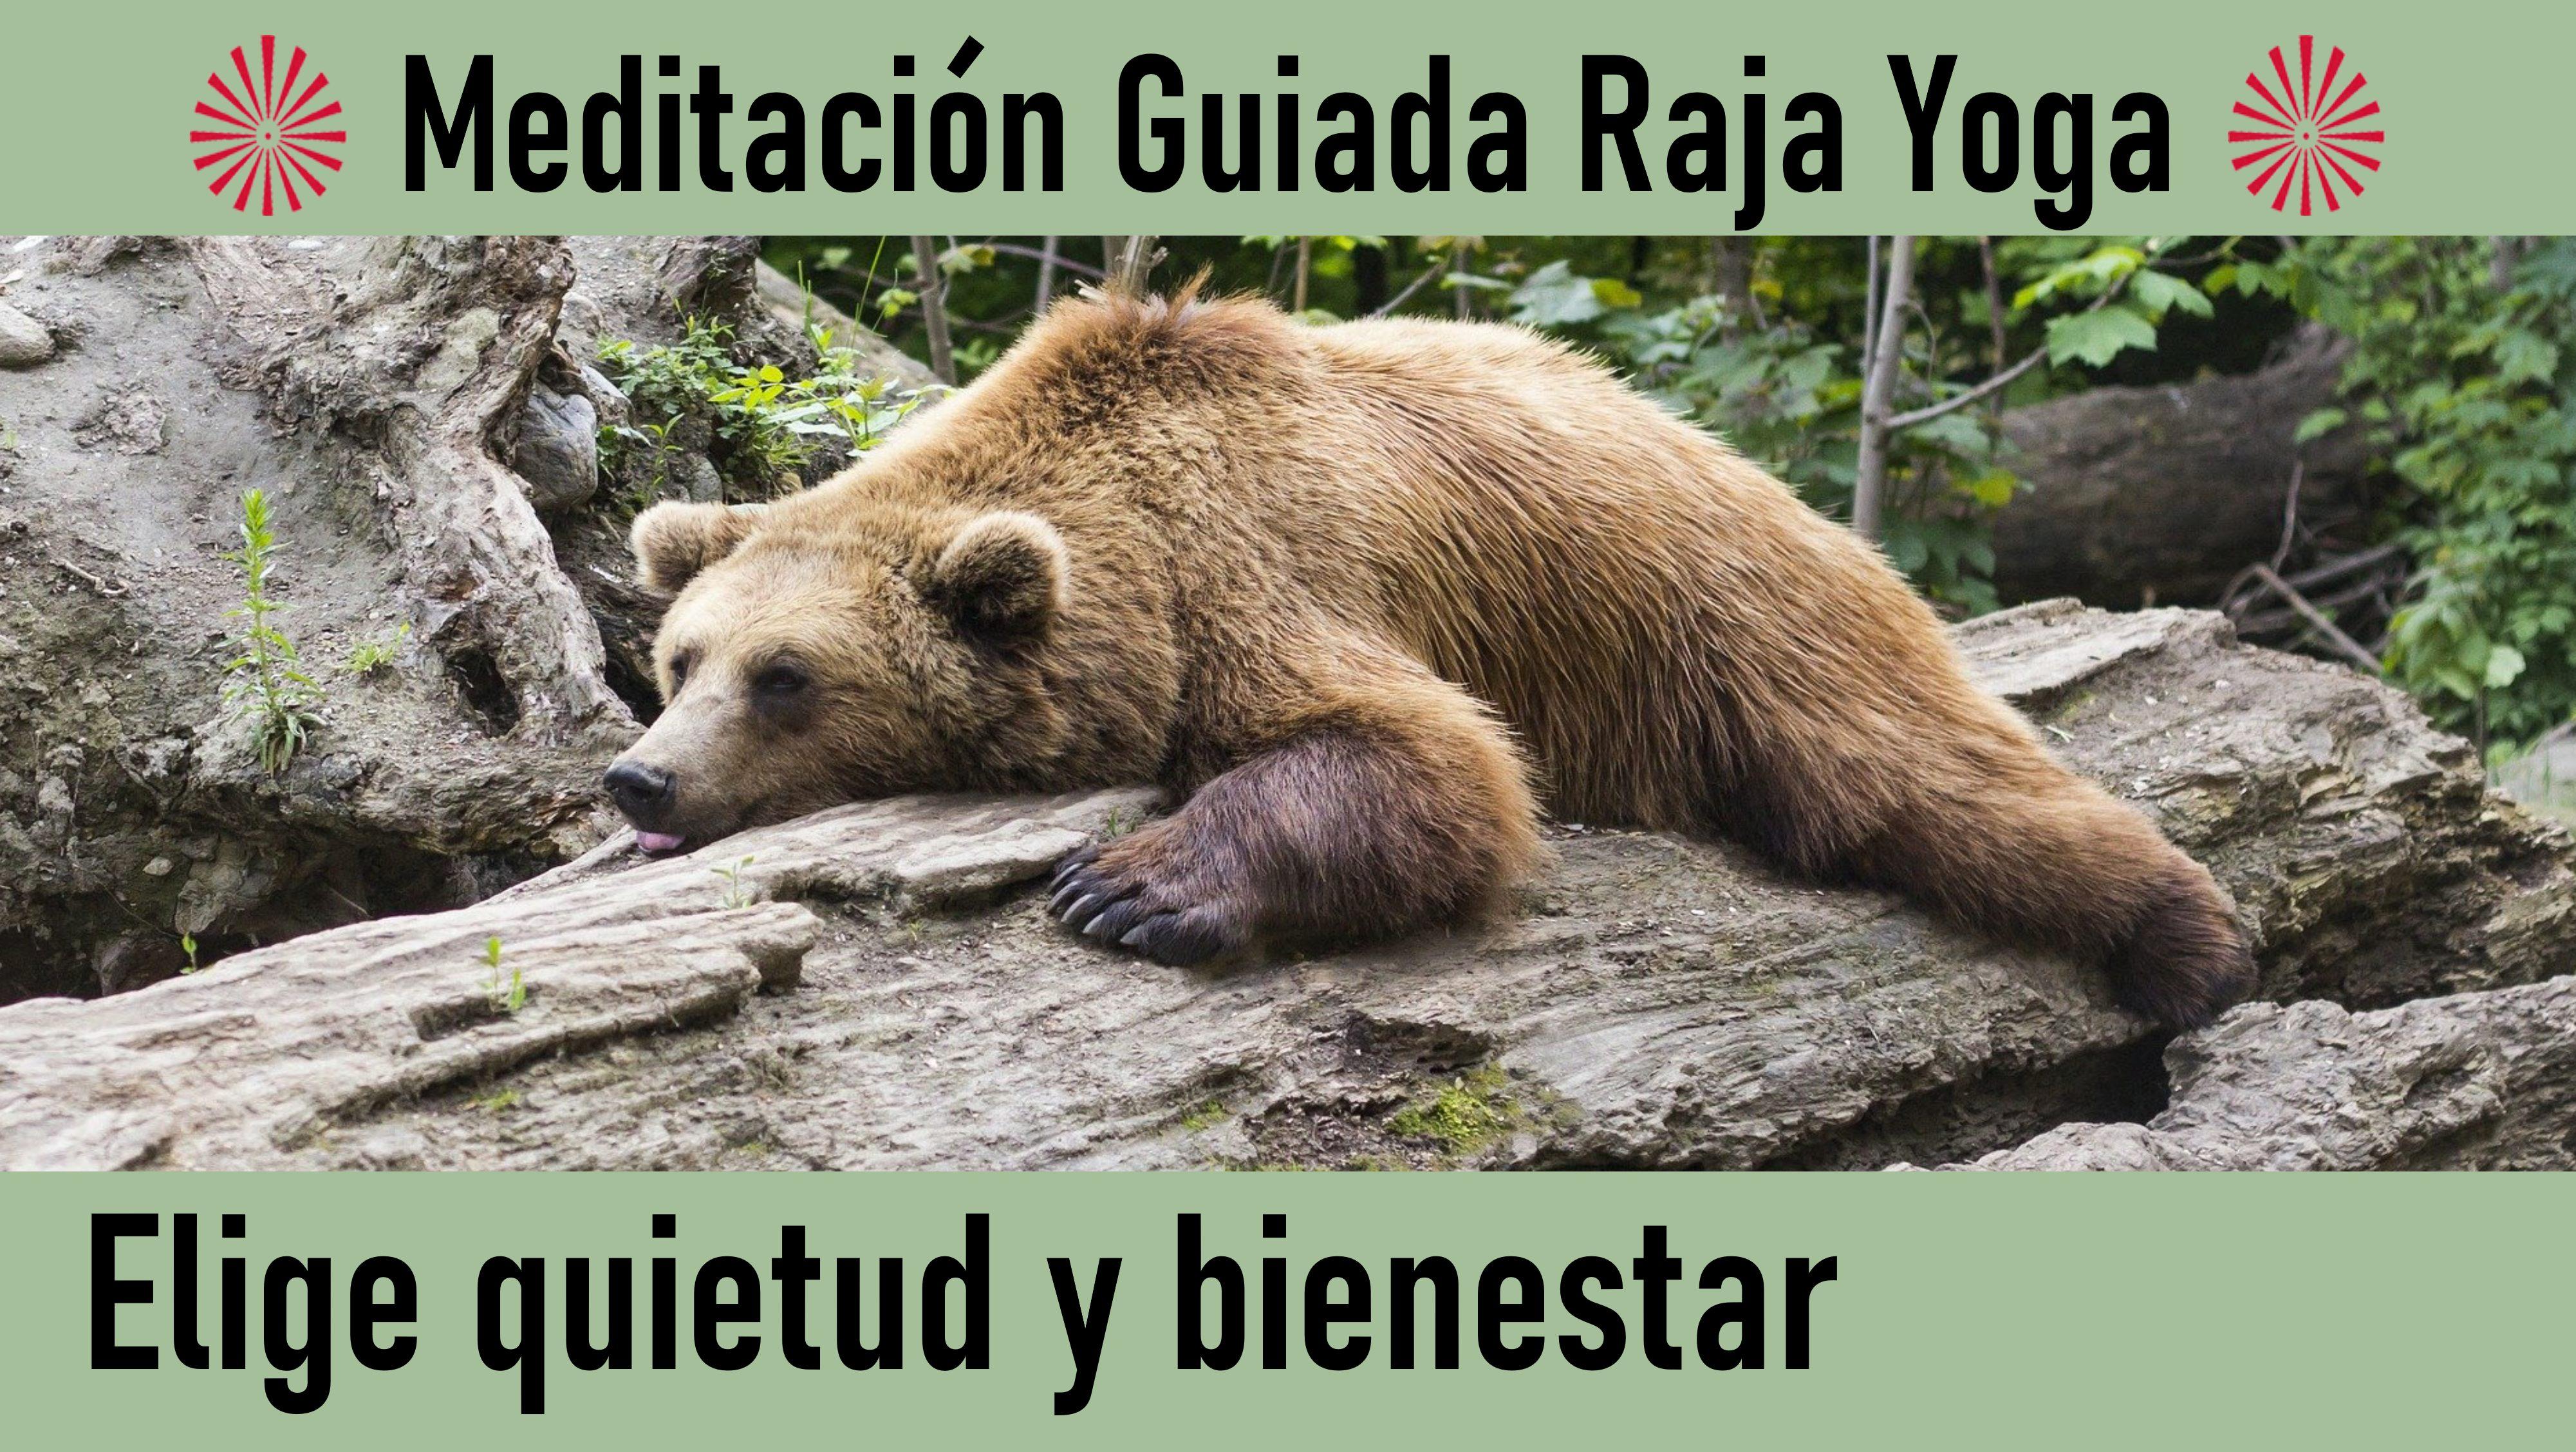 Meditación Raja Yoga: Elige quietud y bienestar (12 Junio 2020) On-line desde Barcelona